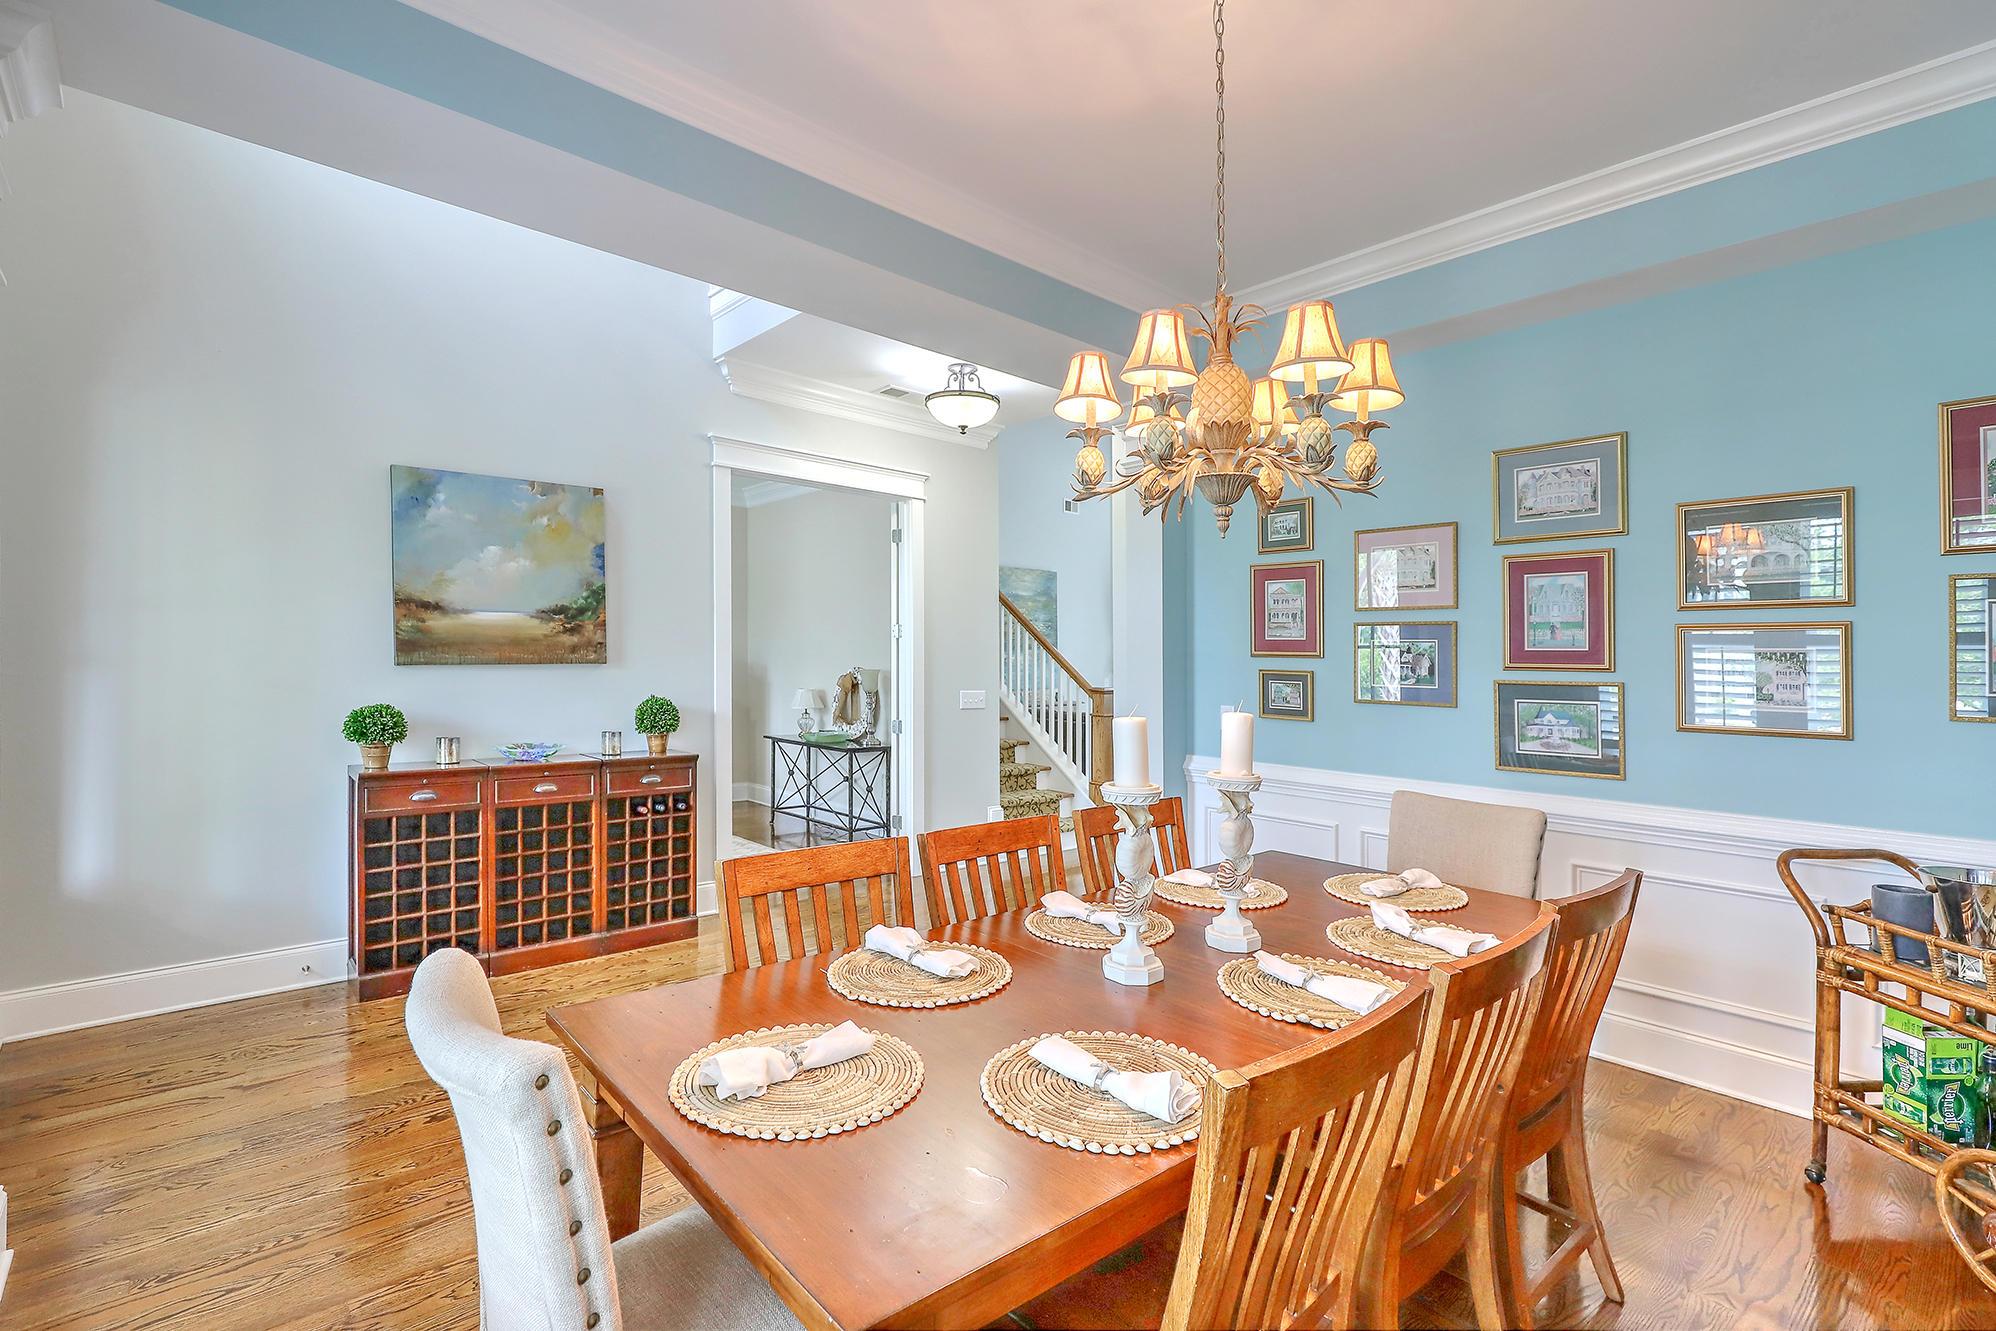 Park West Homes For Sale - 1516 Capel, Mount Pleasant, SC - 31